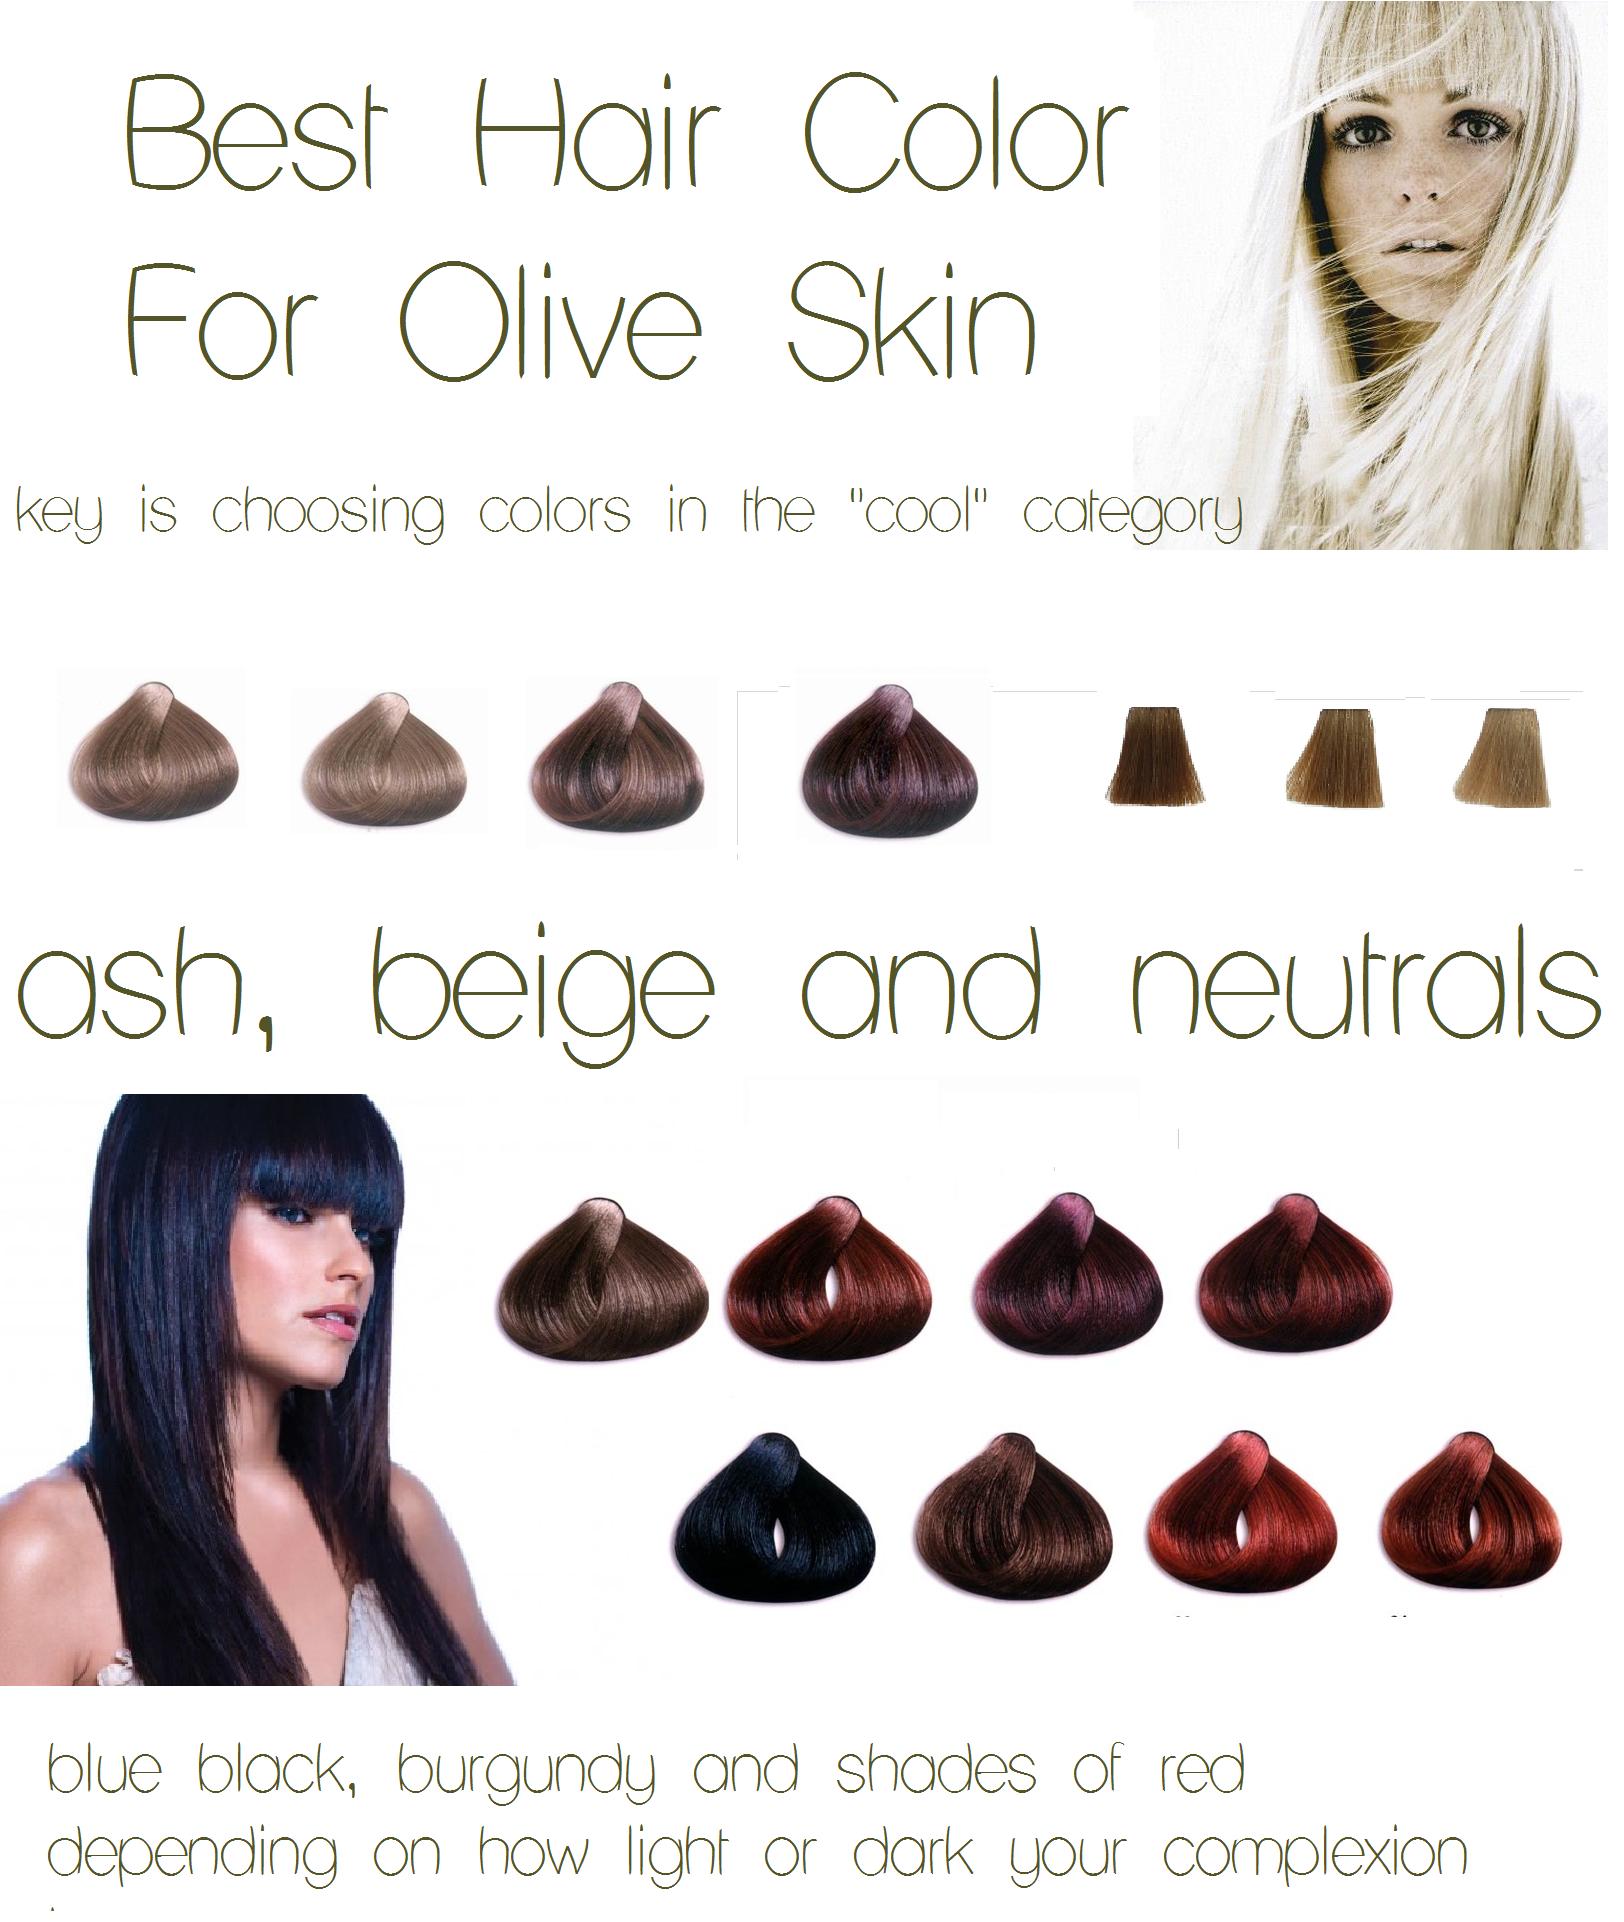 Hair Color Olive Skin Ash Beige Neutrals Burgundy Blue Black Red Light Or Dar